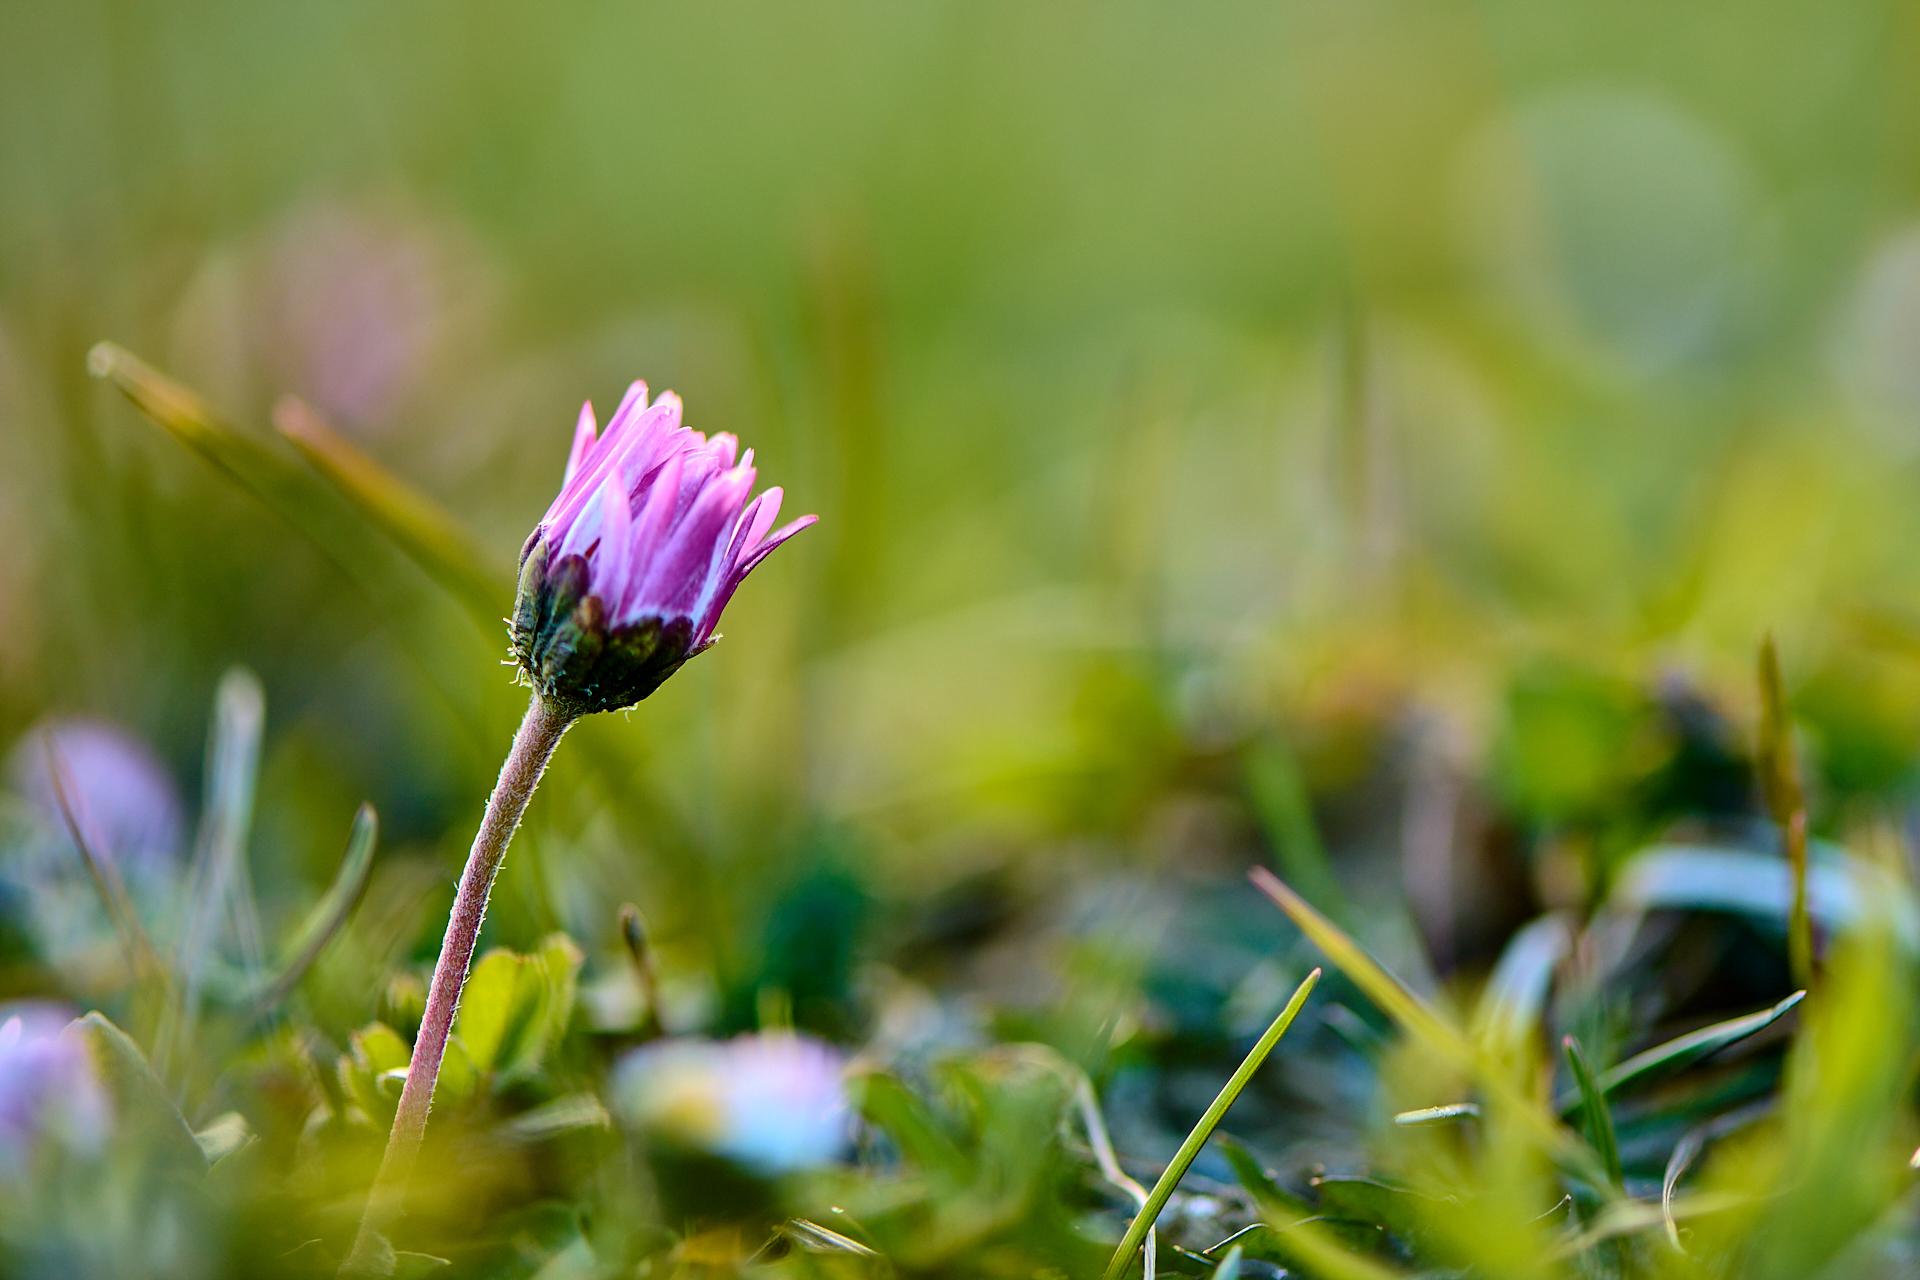 Fotoworkshop Frühlingsblumen